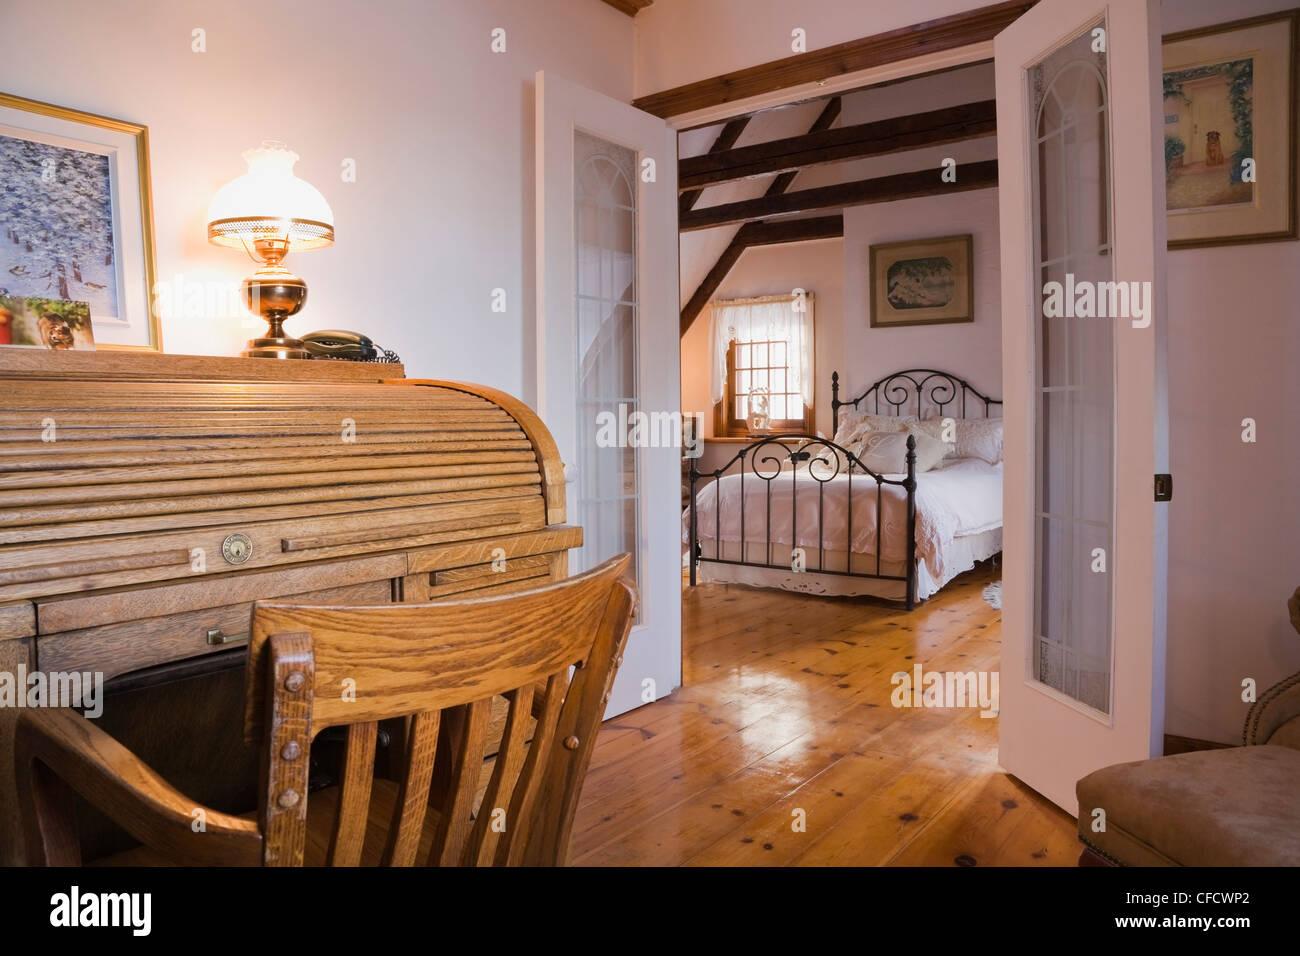 Französisch Türen Schlafzimmer geöffnet Stockfoto, Bild: 43924218 ...